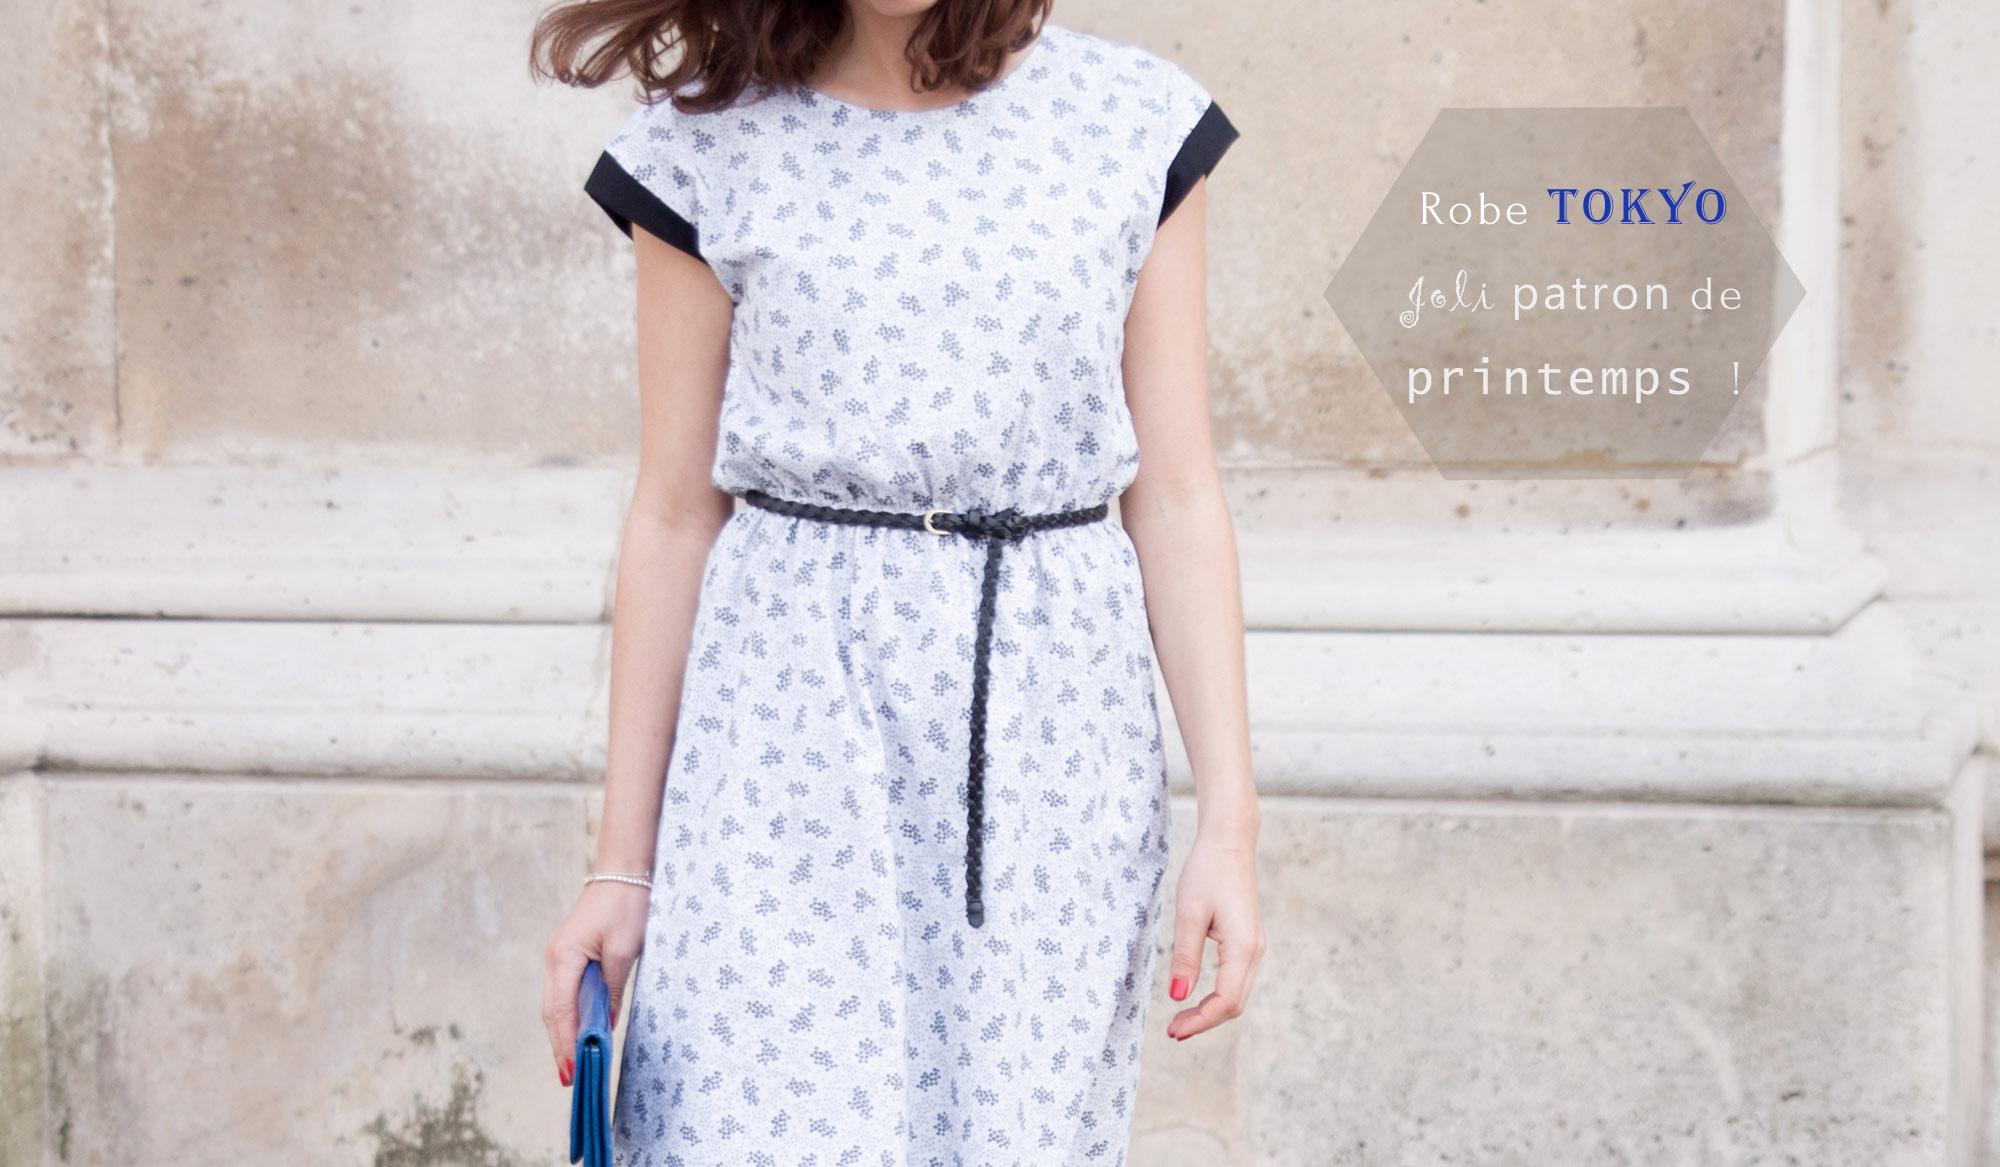 1cada19fb9 Nouveau patron: robe TOKYO pour femme | Atelier Scammit